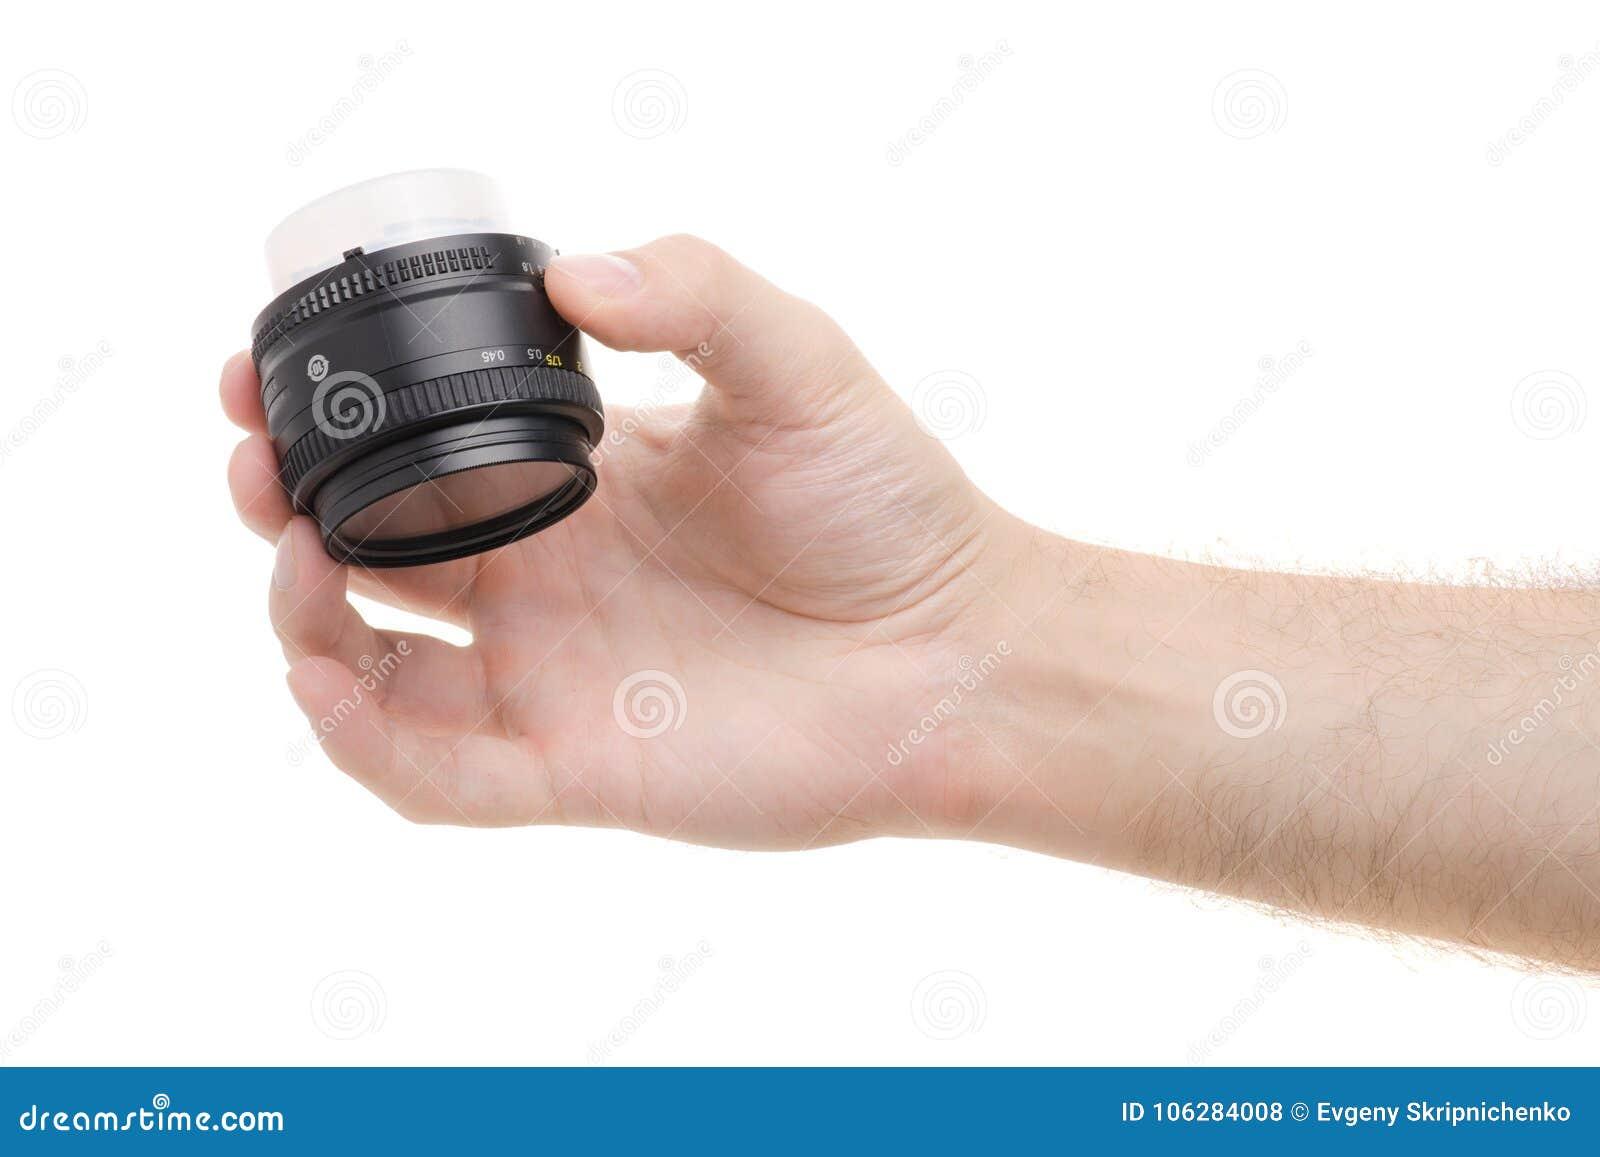 Lentille sur un appareil-photo dans une main masculine